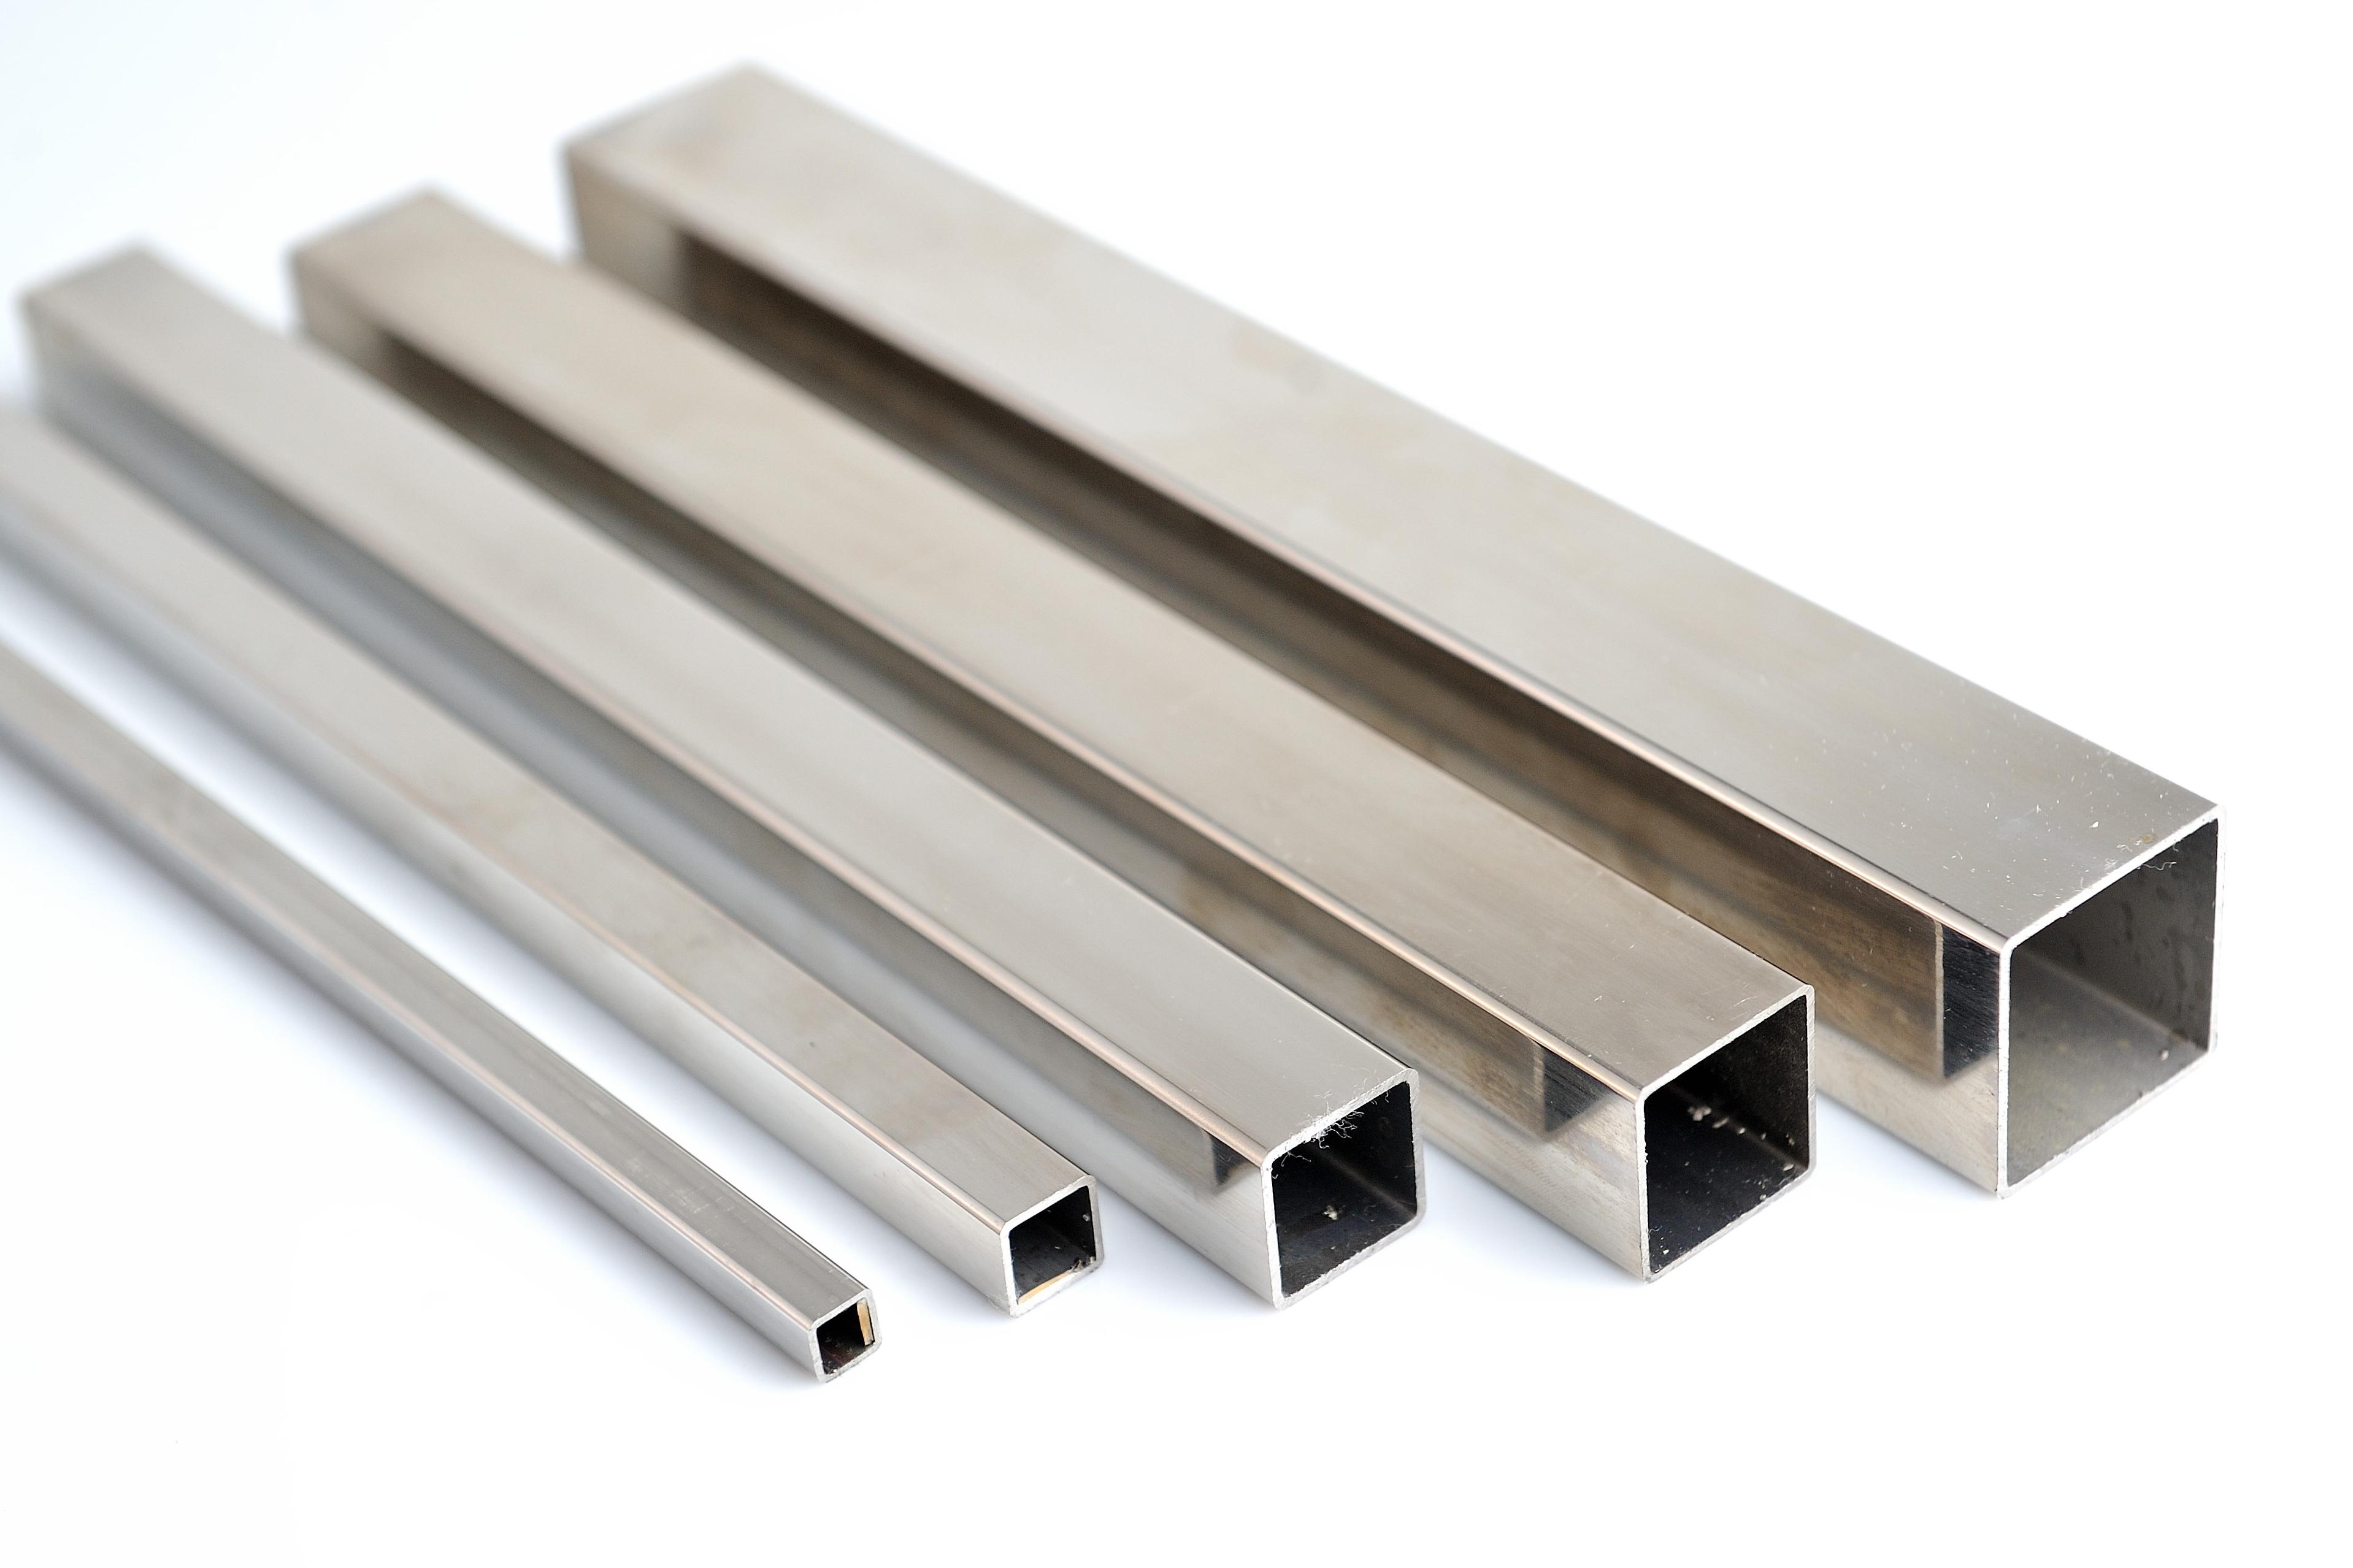 304不锈钢方管加工厂家直供 方形不锈钢管拉丝装饰制品管批发定制